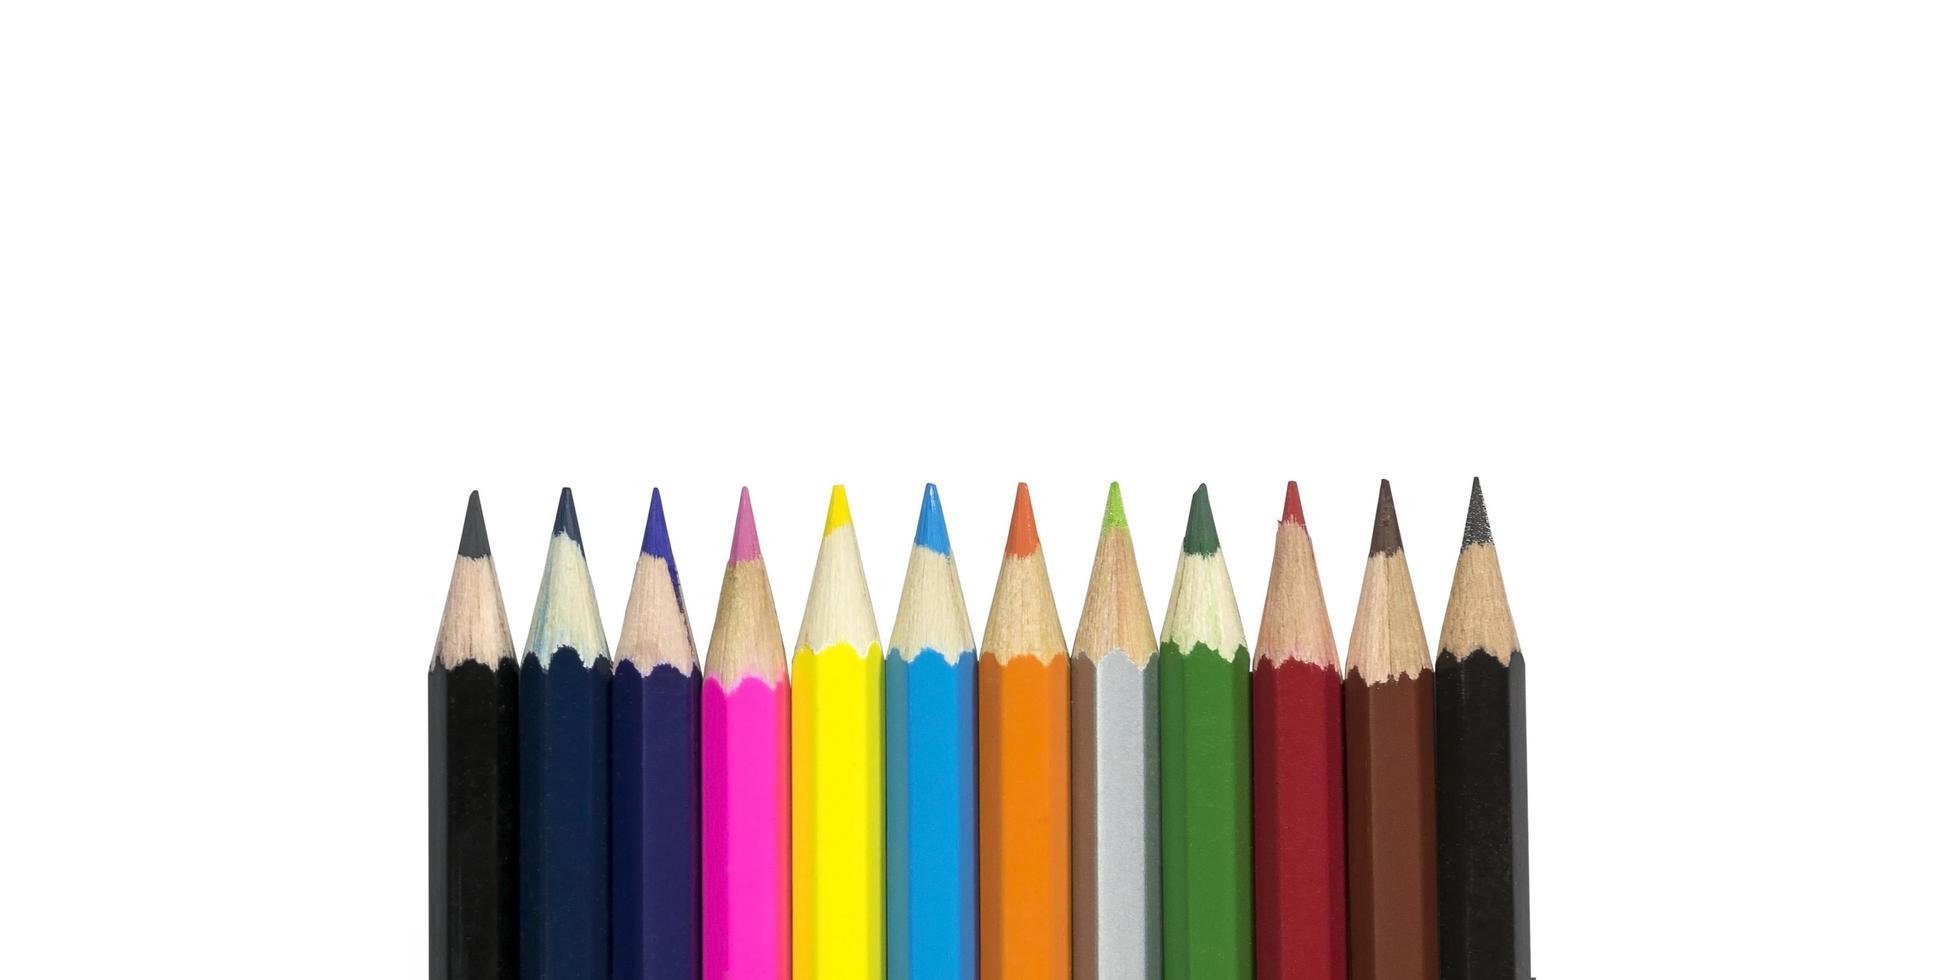 grupo de lapices de colores foto